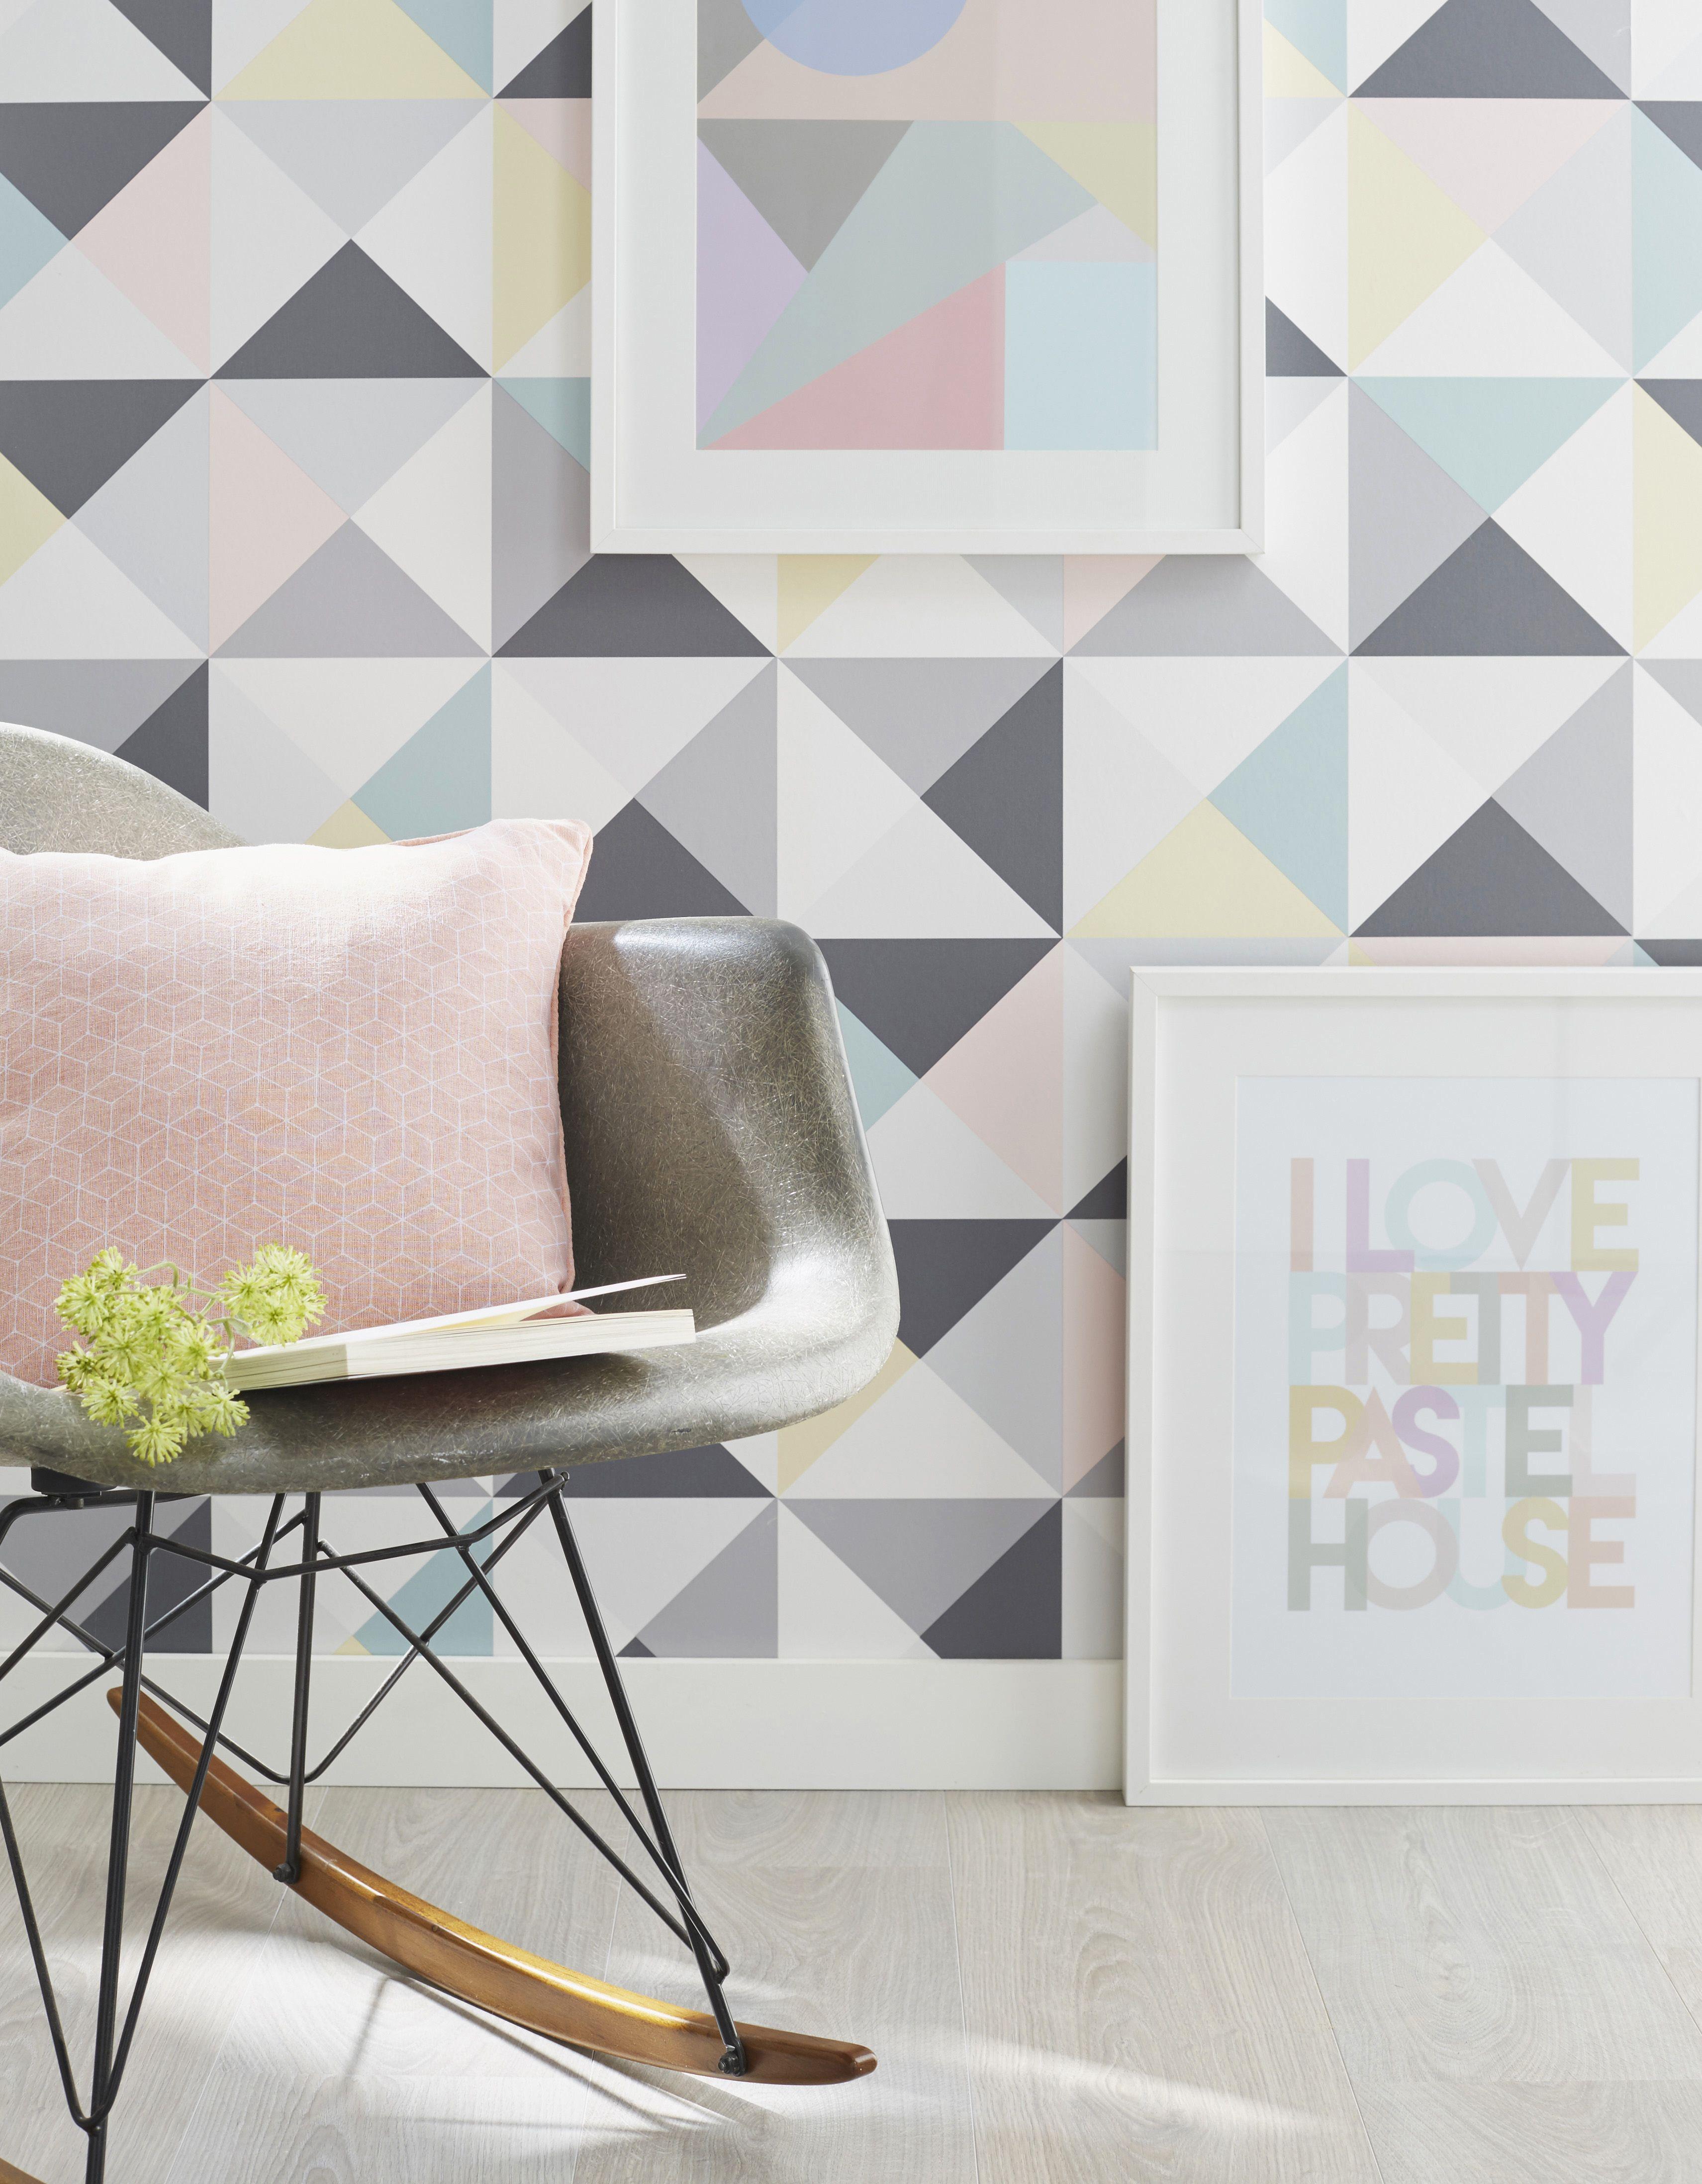 Papier peint papier Polygone multicouleur leroymerlin papierpeint wallpaper multicolore tendance